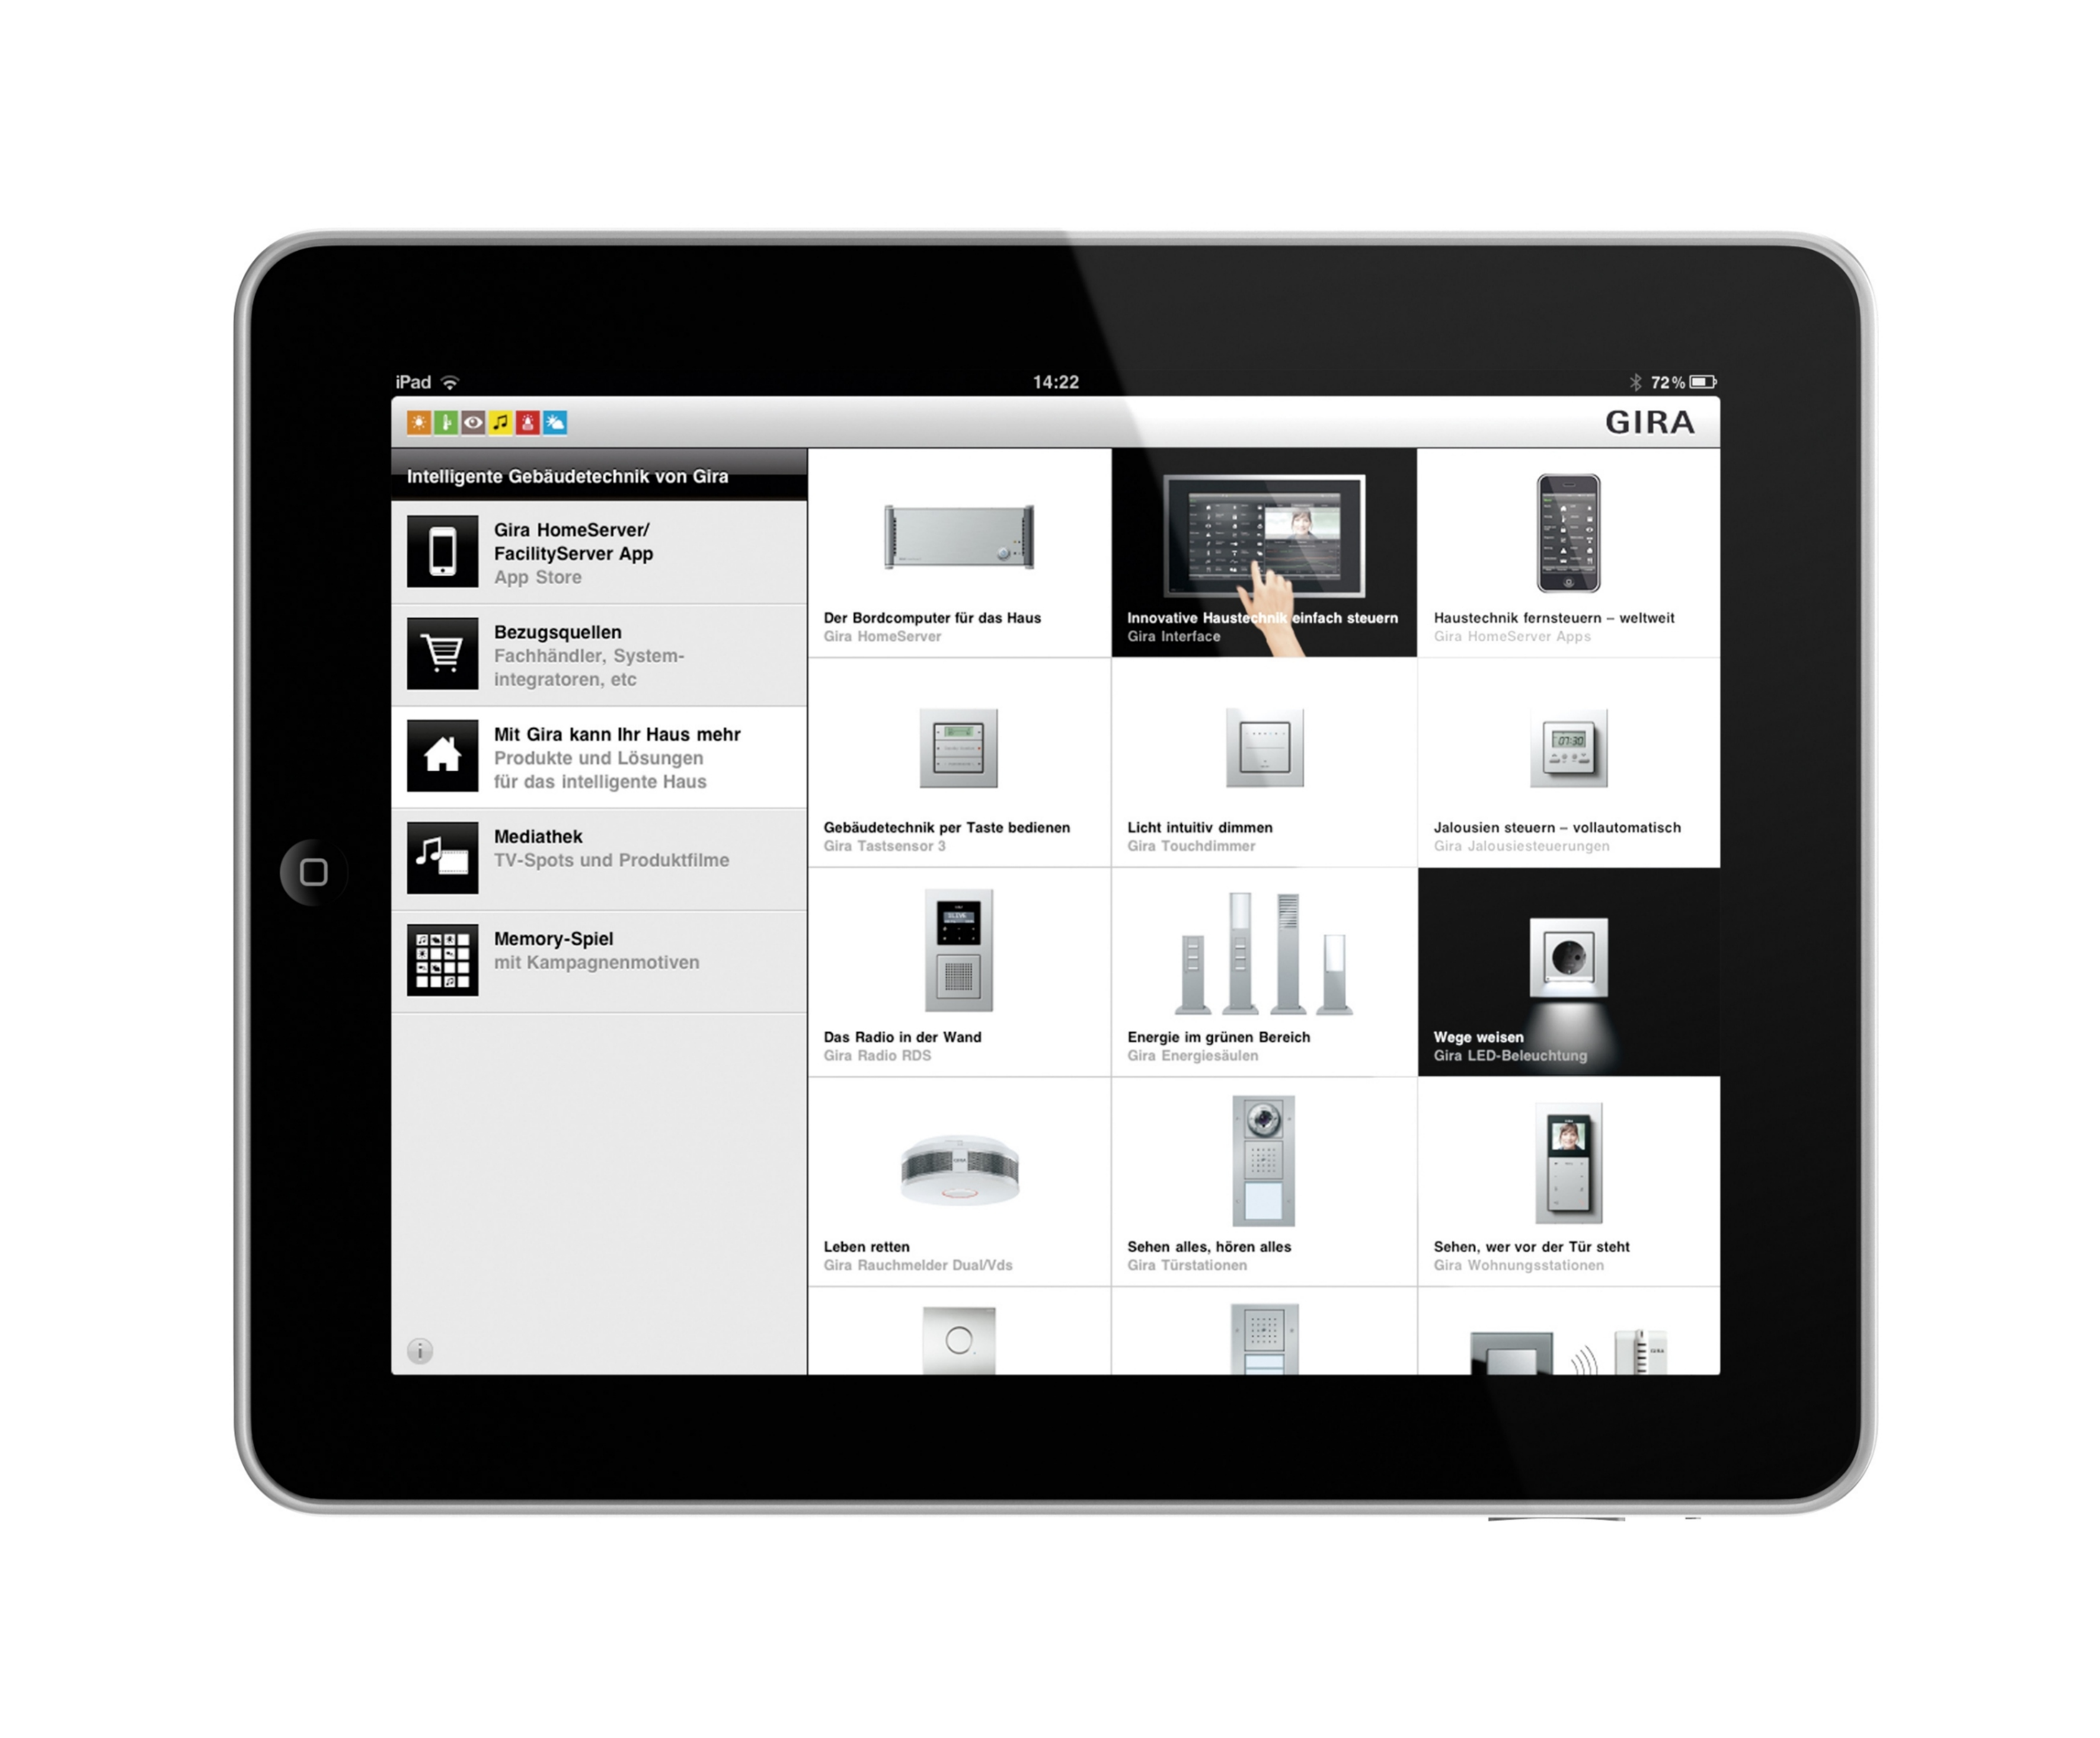 app intelligente geb udesteuerung von gira im app store. Black Bedroom Furniture Sets. Home Design Ideas